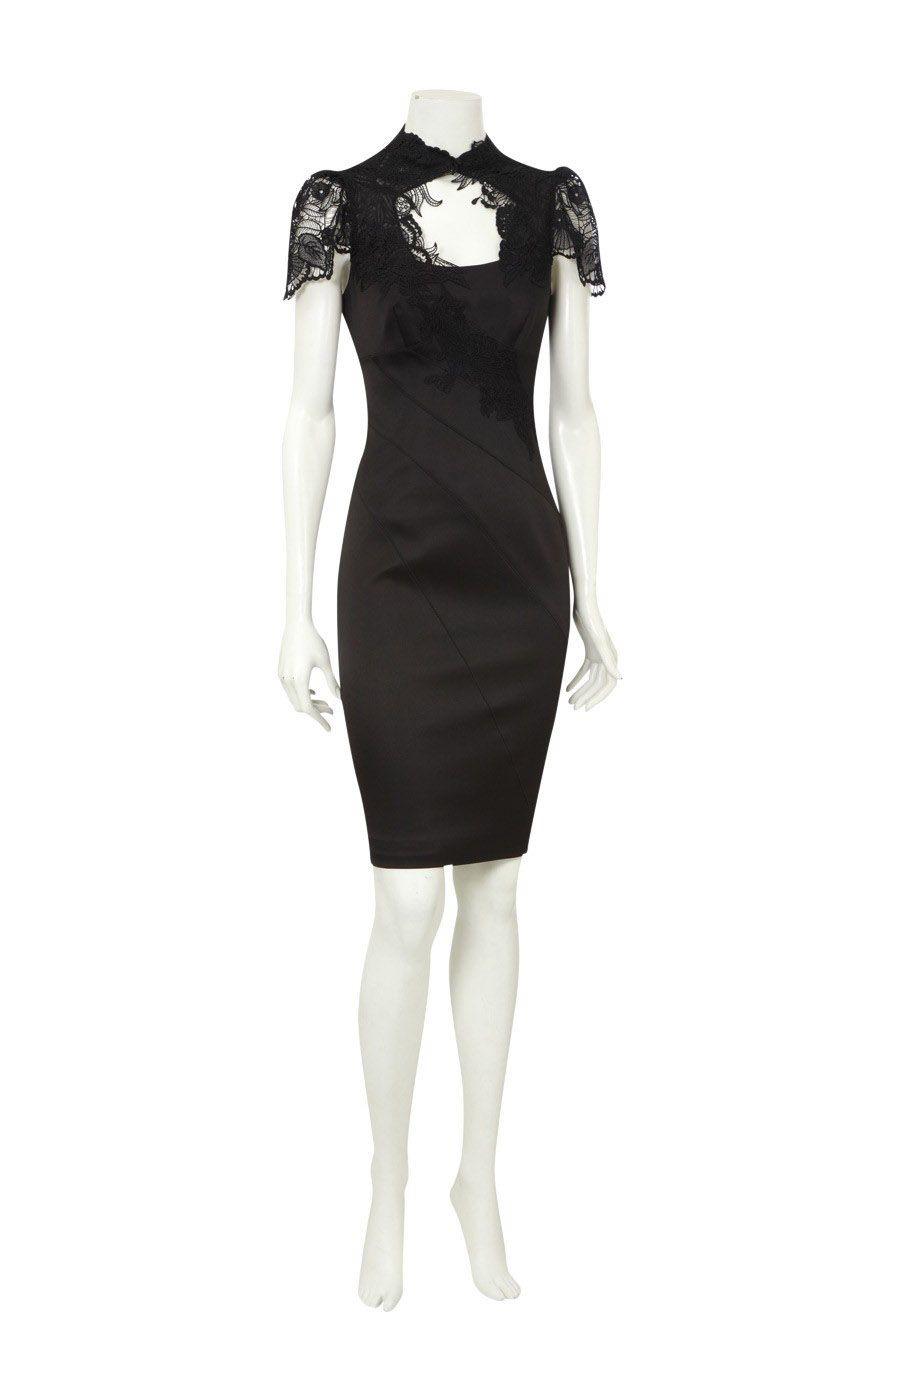 8adfeda40 karen millen Solid Color outlet uk-Karen Millen DJ104 Black Floral Applique  Dress :